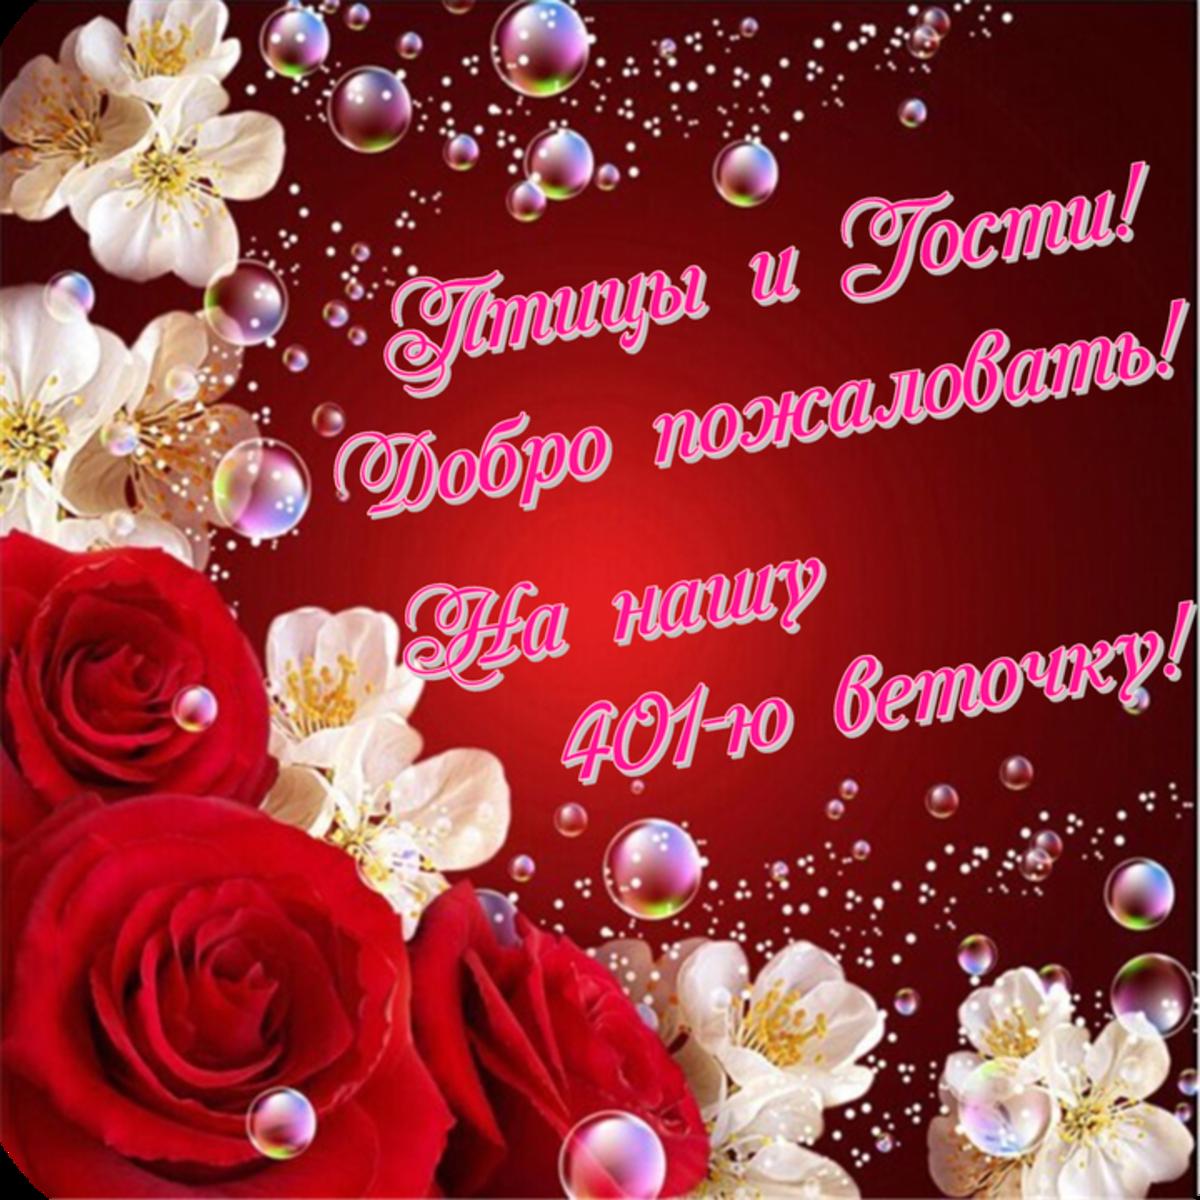 http://s2.uploads.ru/yOi5S.png